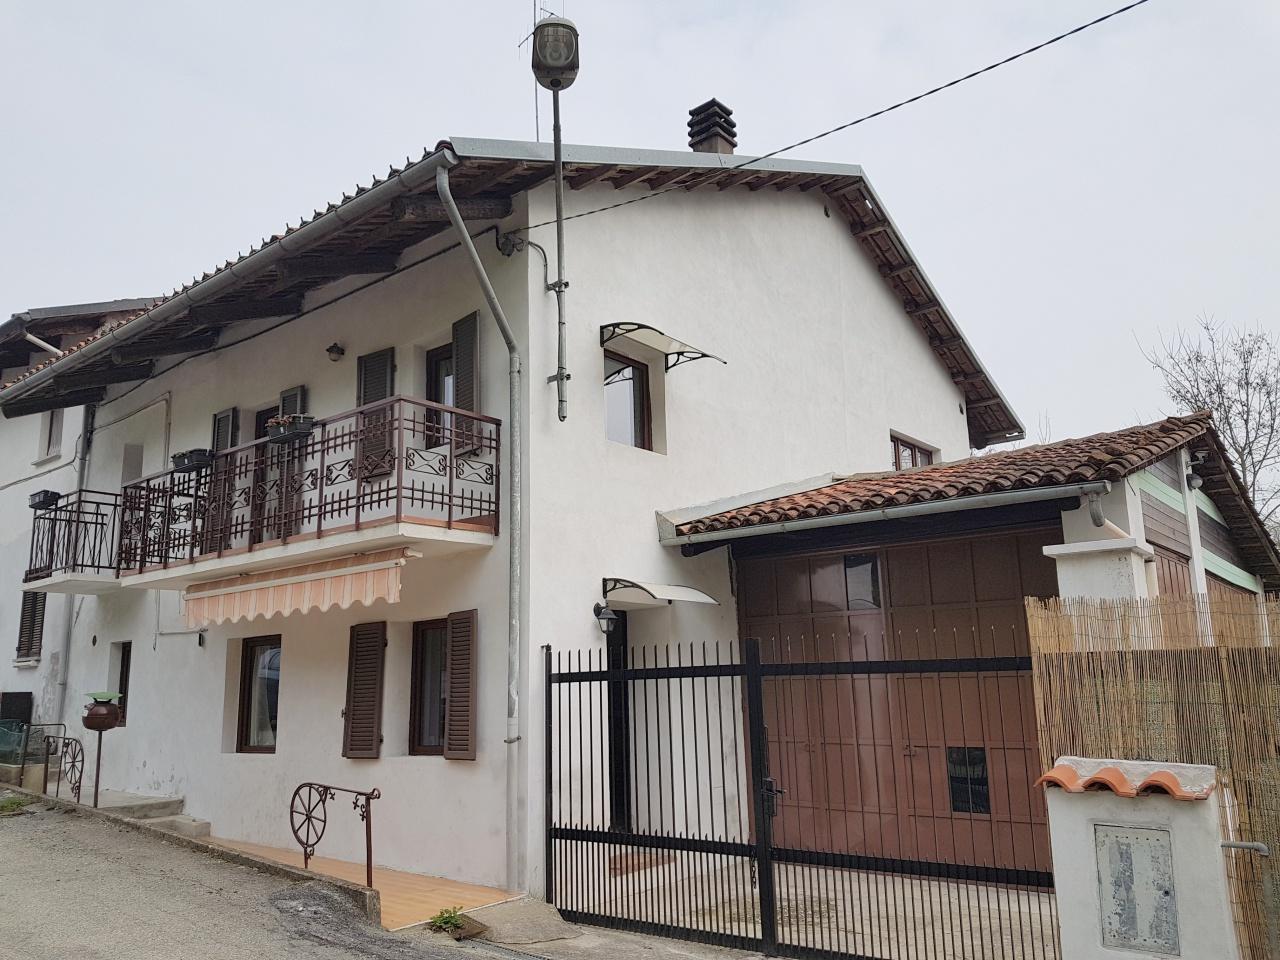 Soluzione Indipendente in vendita a Verrua Savoia, 6 locali, prezzo € 109.000 | CambioCasa.it